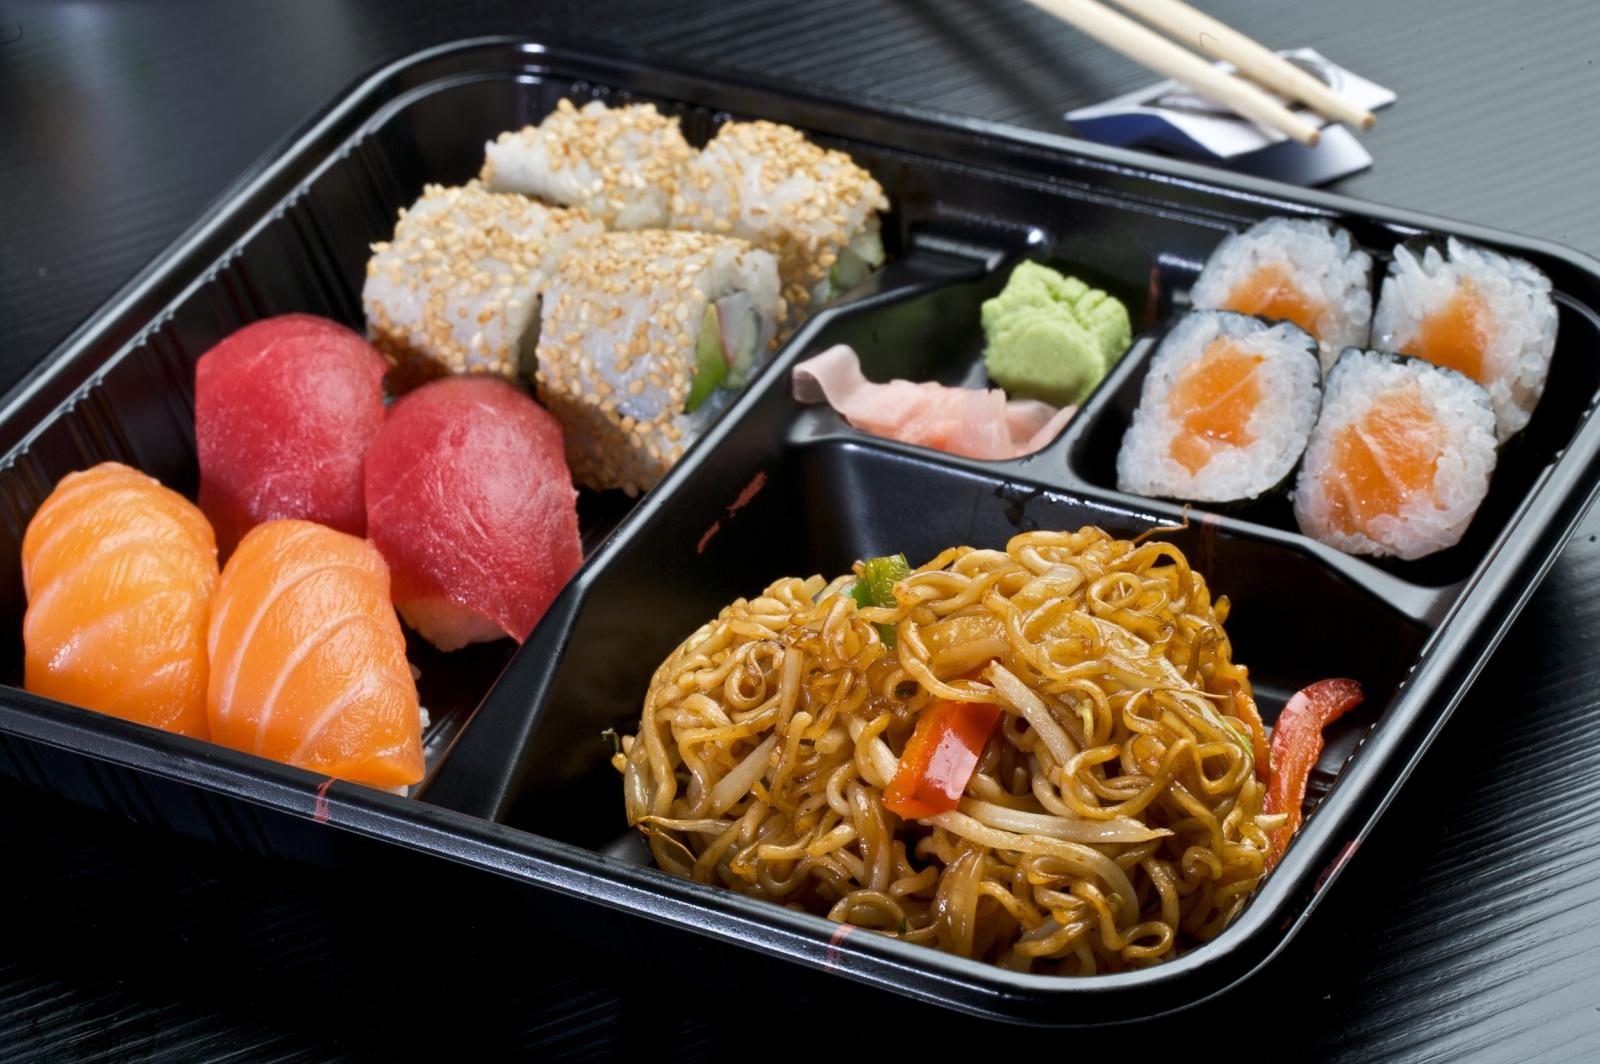 La dieta que hace vivir más a los vecinos de Okinawa